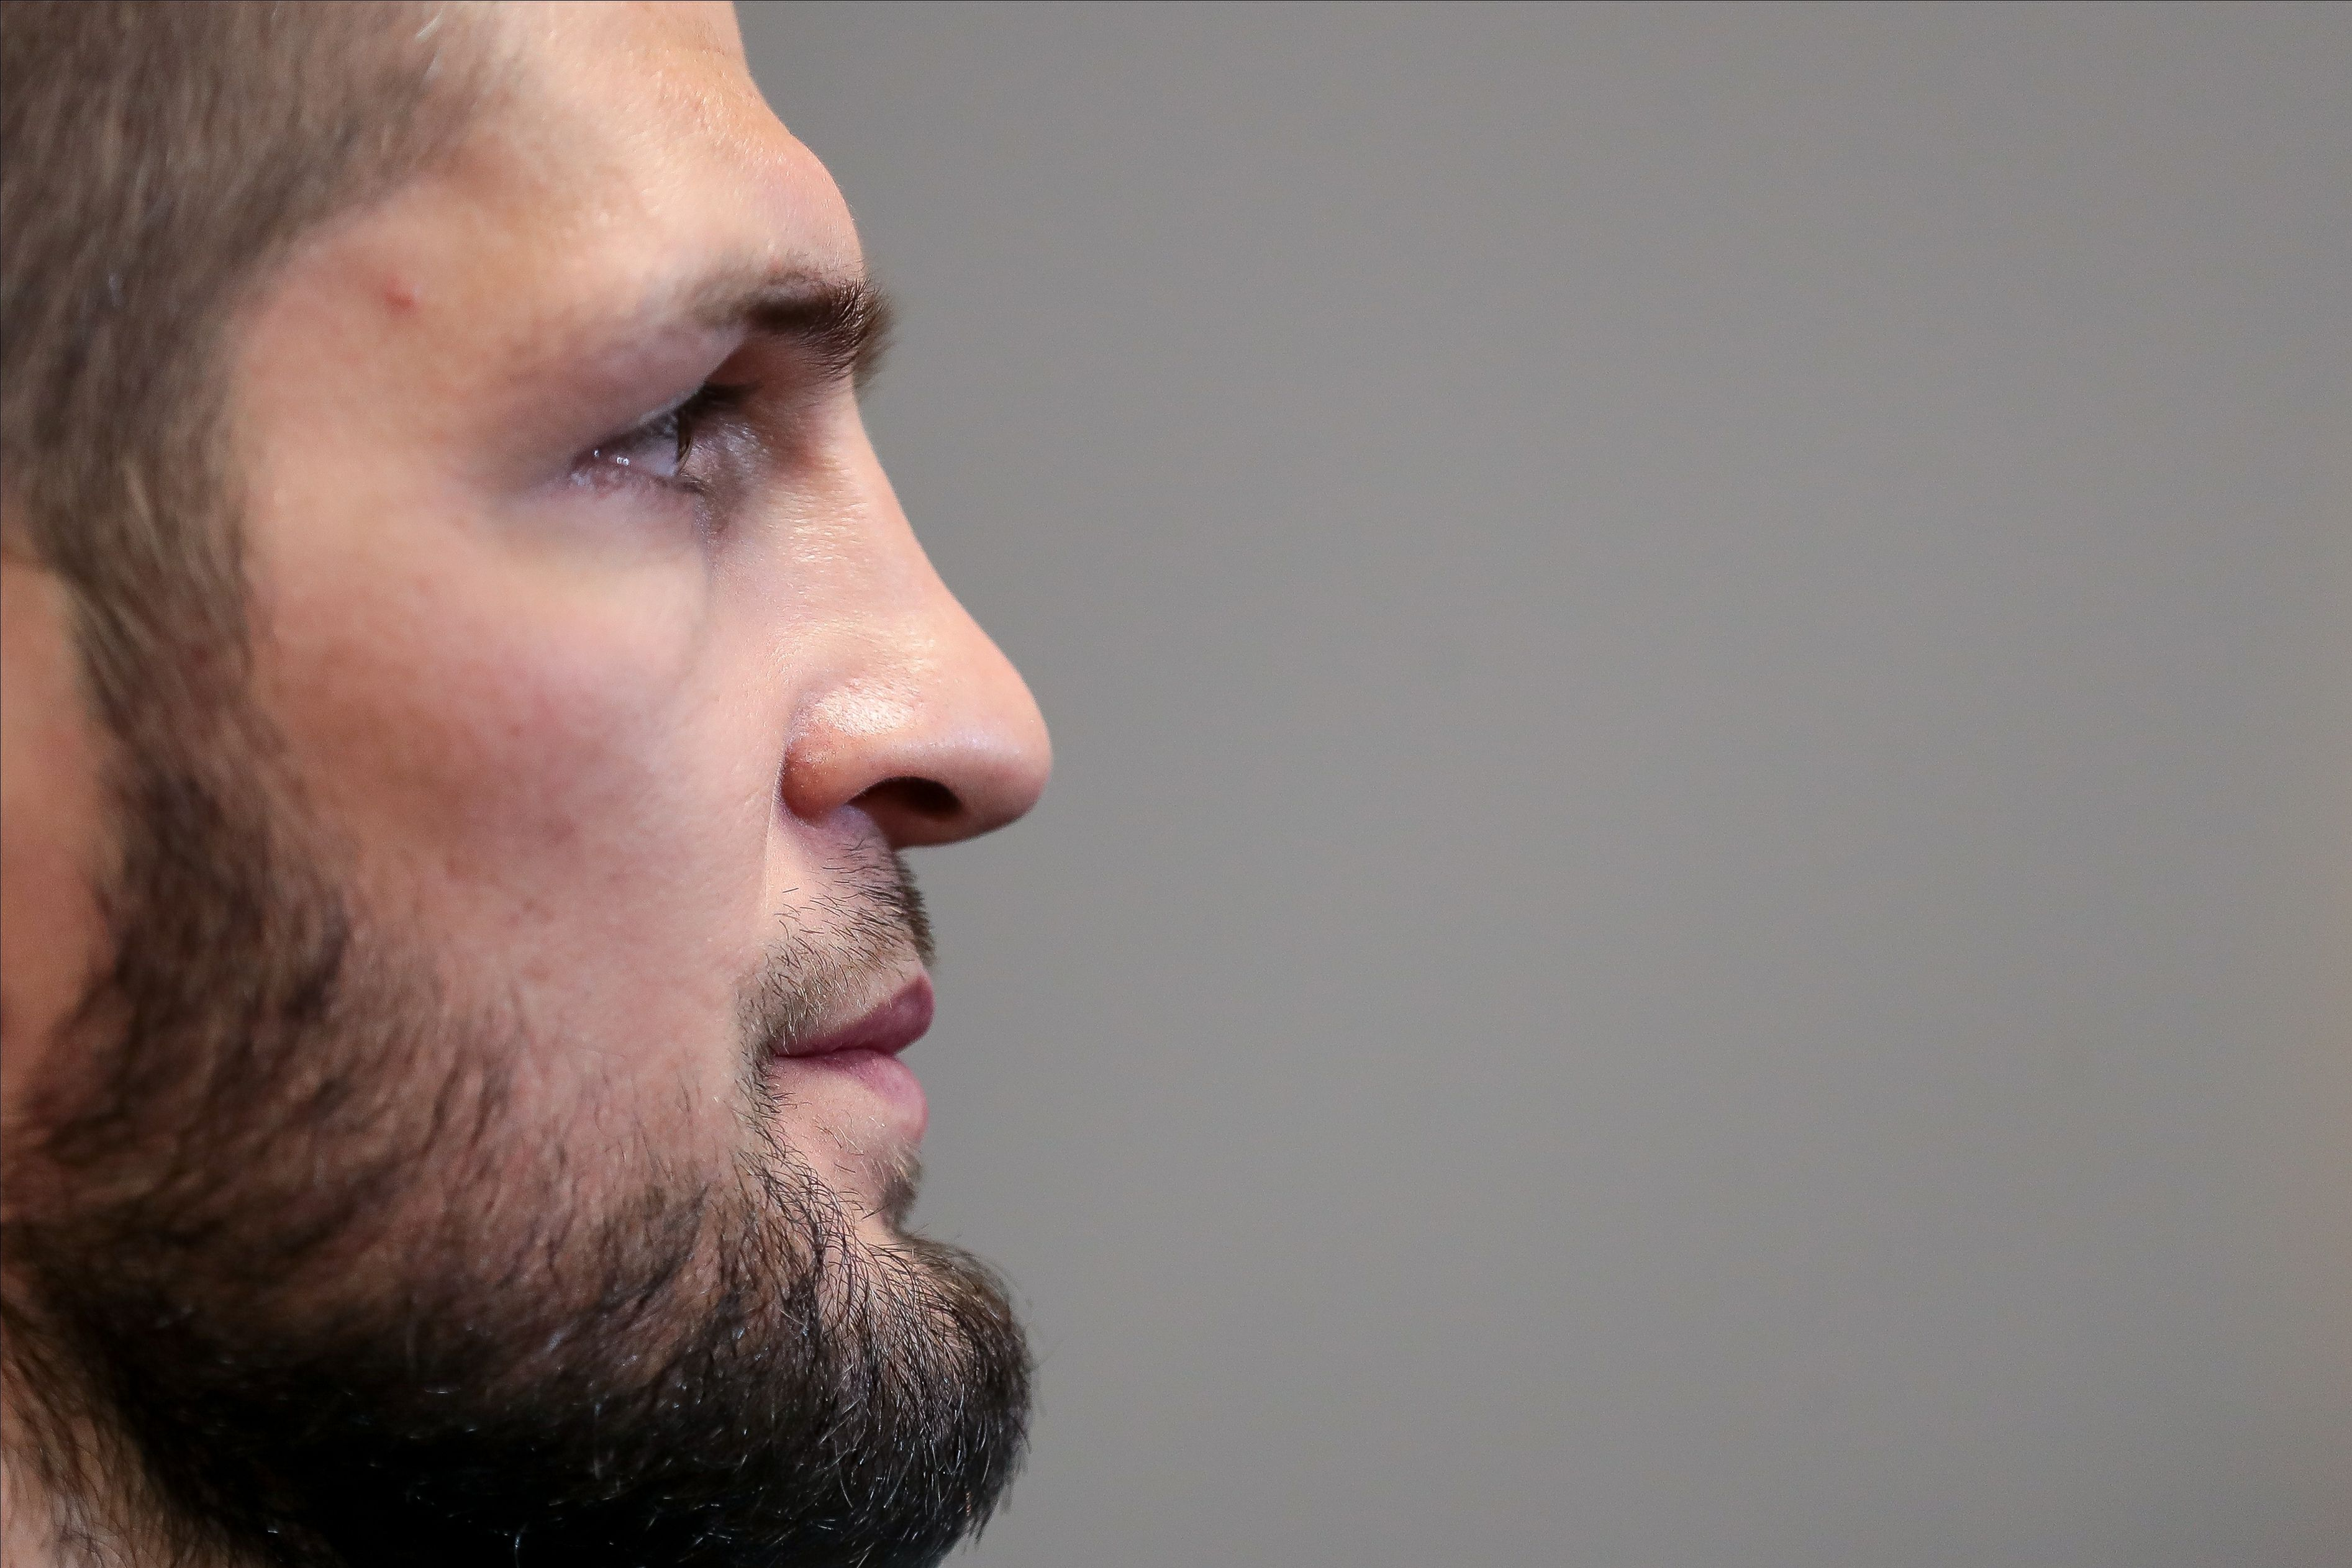 Шлеменко: 'Судя по всему, UFC не предложили Хабибу $ 100 млн, чтобы он вернулся'